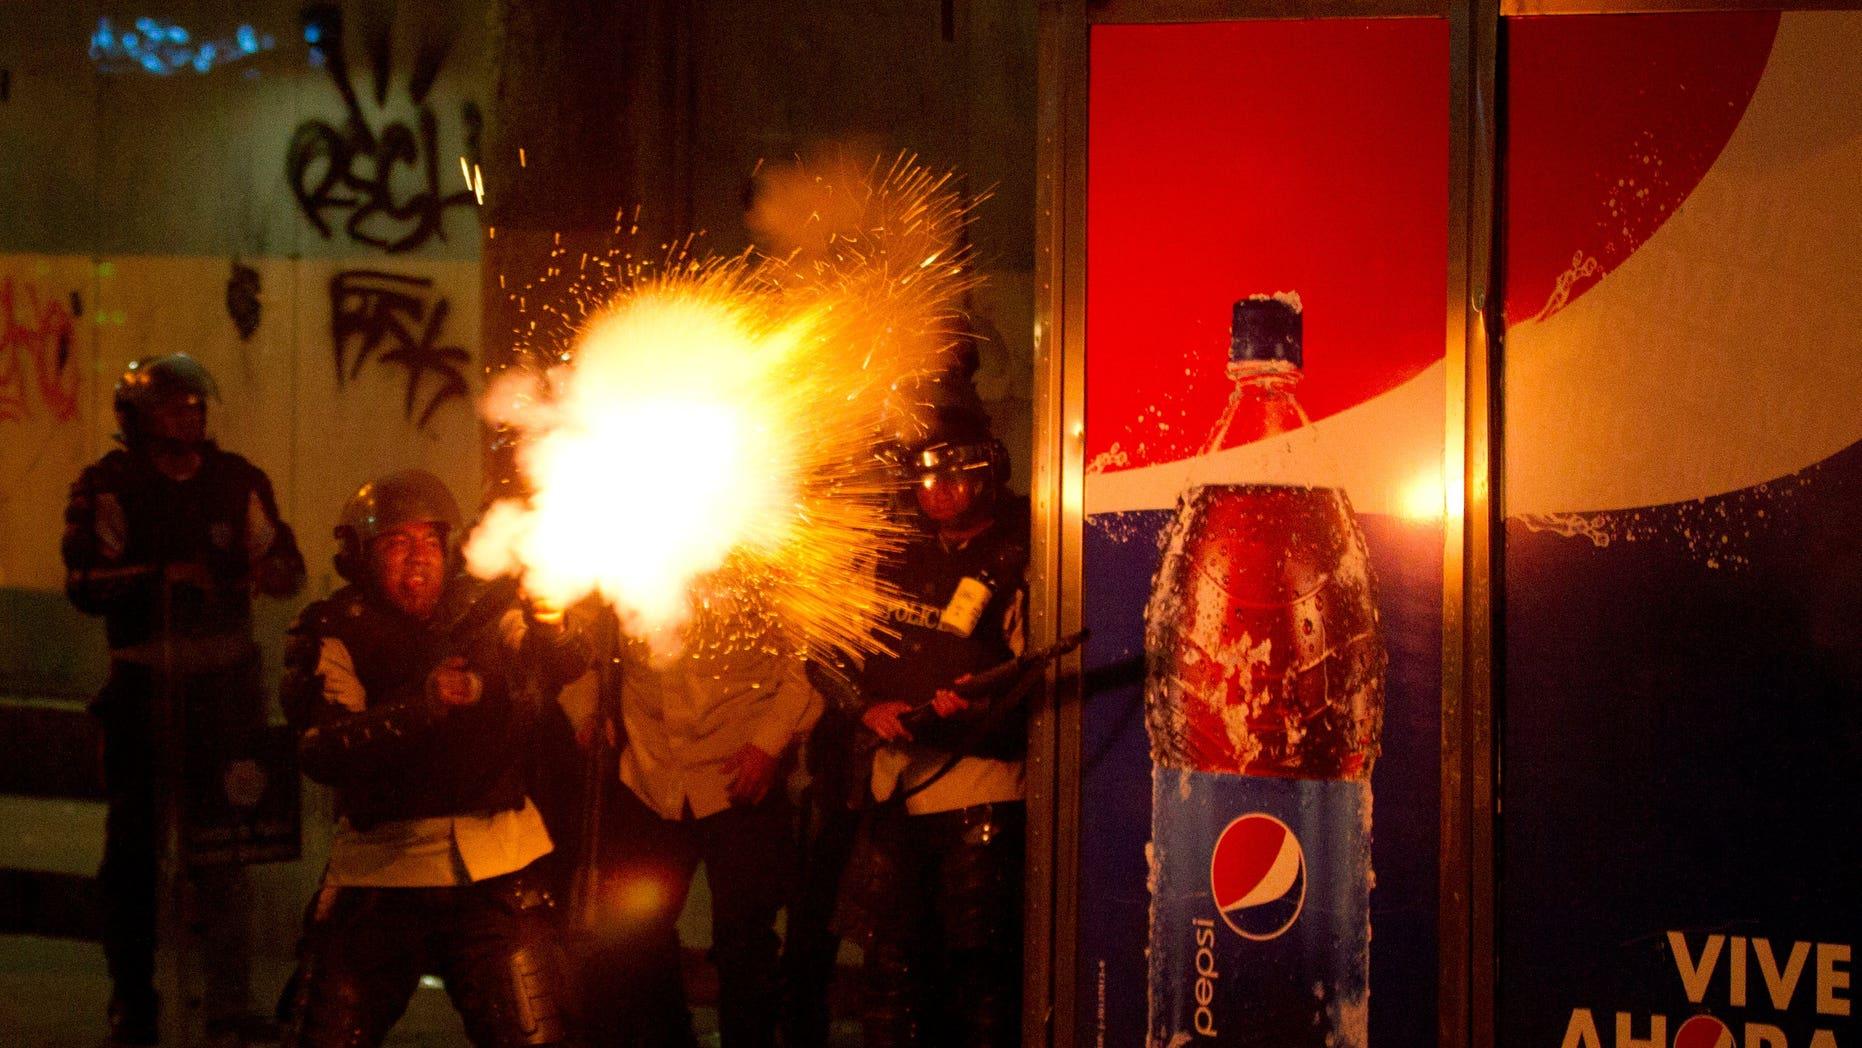 Un policía nacional bolivariano dispara gases lacrimógenos contra manifestantes antigubernamentales en Caracas, Venezuela, el sábado 22 de marzo de 2014. (Foto AP/Esteban Félix)